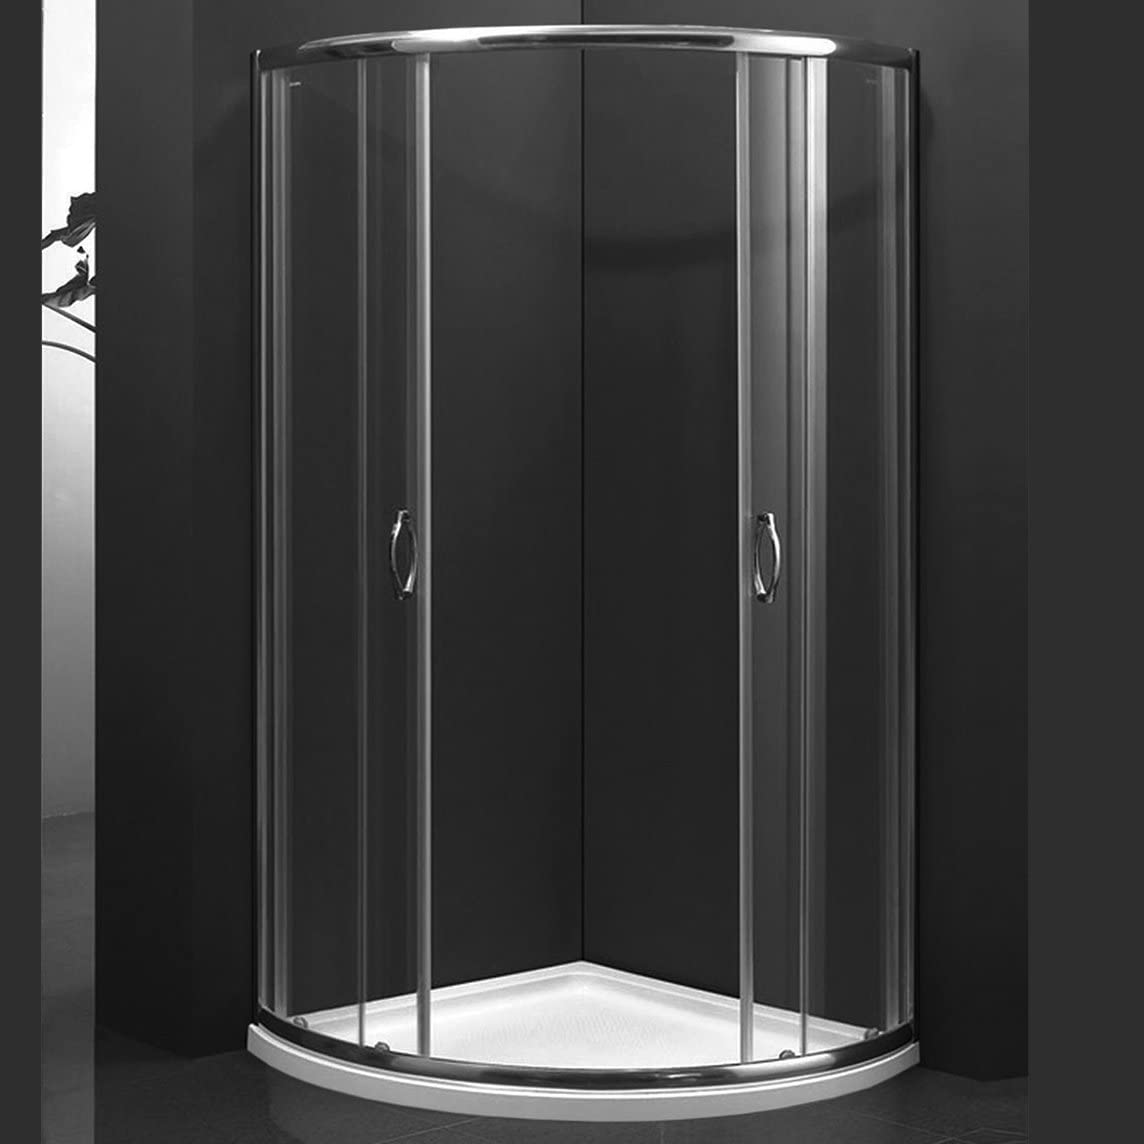 marinelligroup – Box ducha semicircular 80 x 80 con 2 puertas correderas cristal cristal 8 mm. Abeto: Amazon.es: Hogar